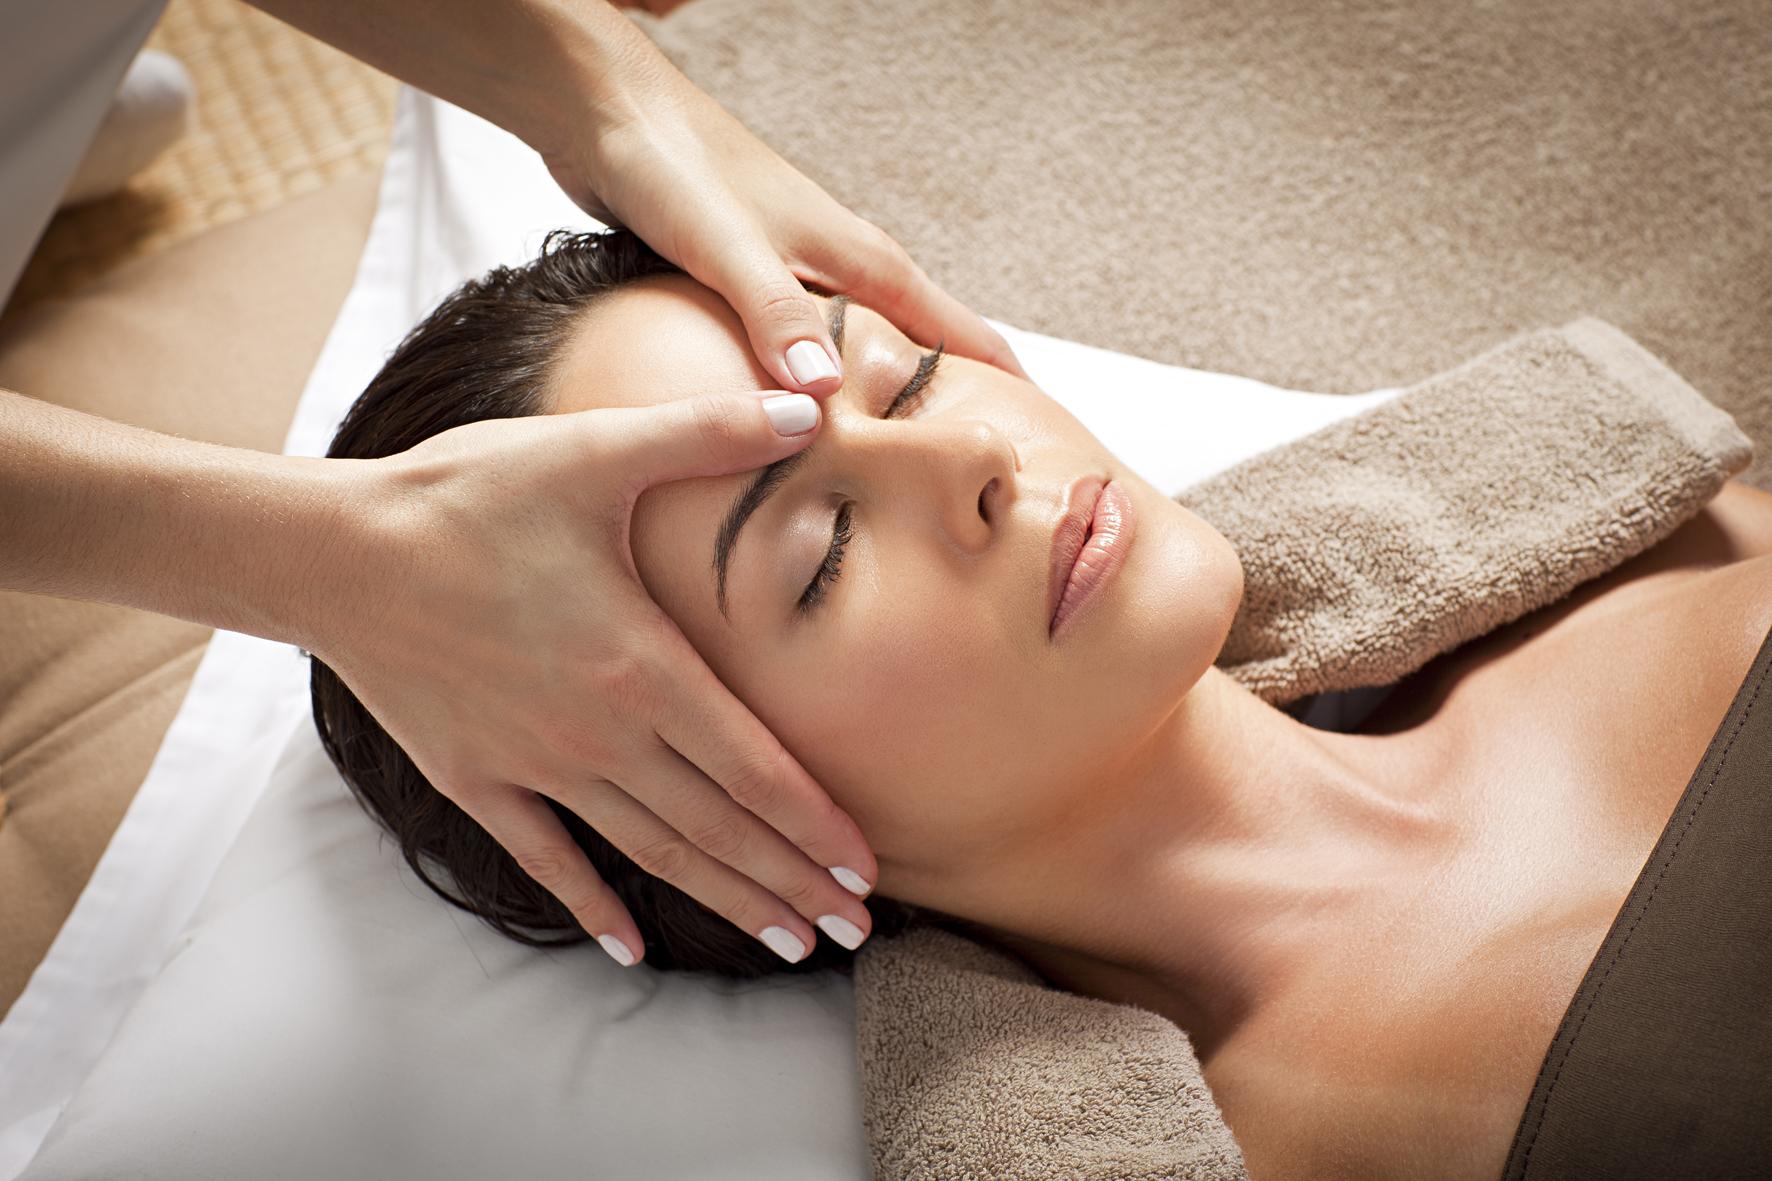 woman at spa receiving facial